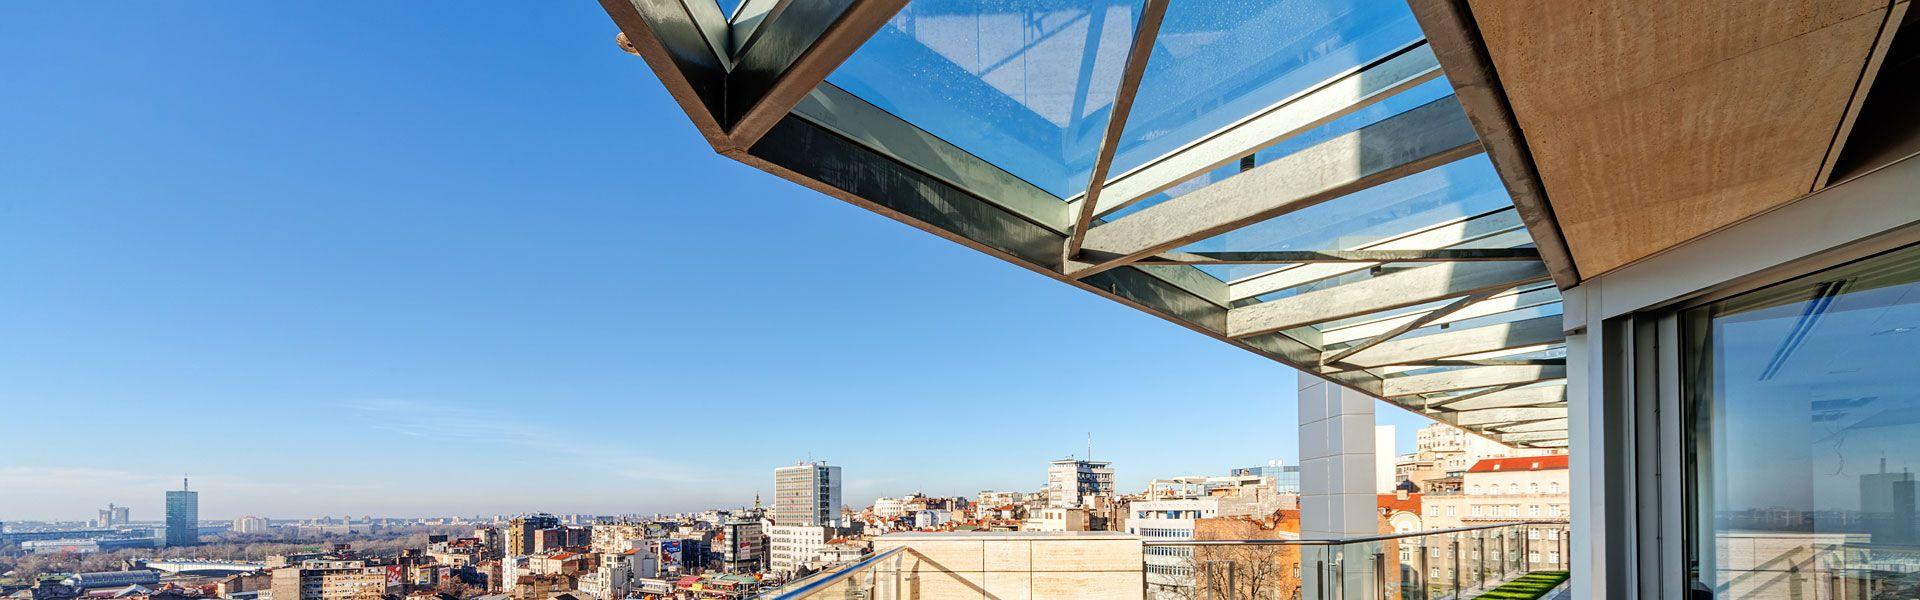 balkony41-c